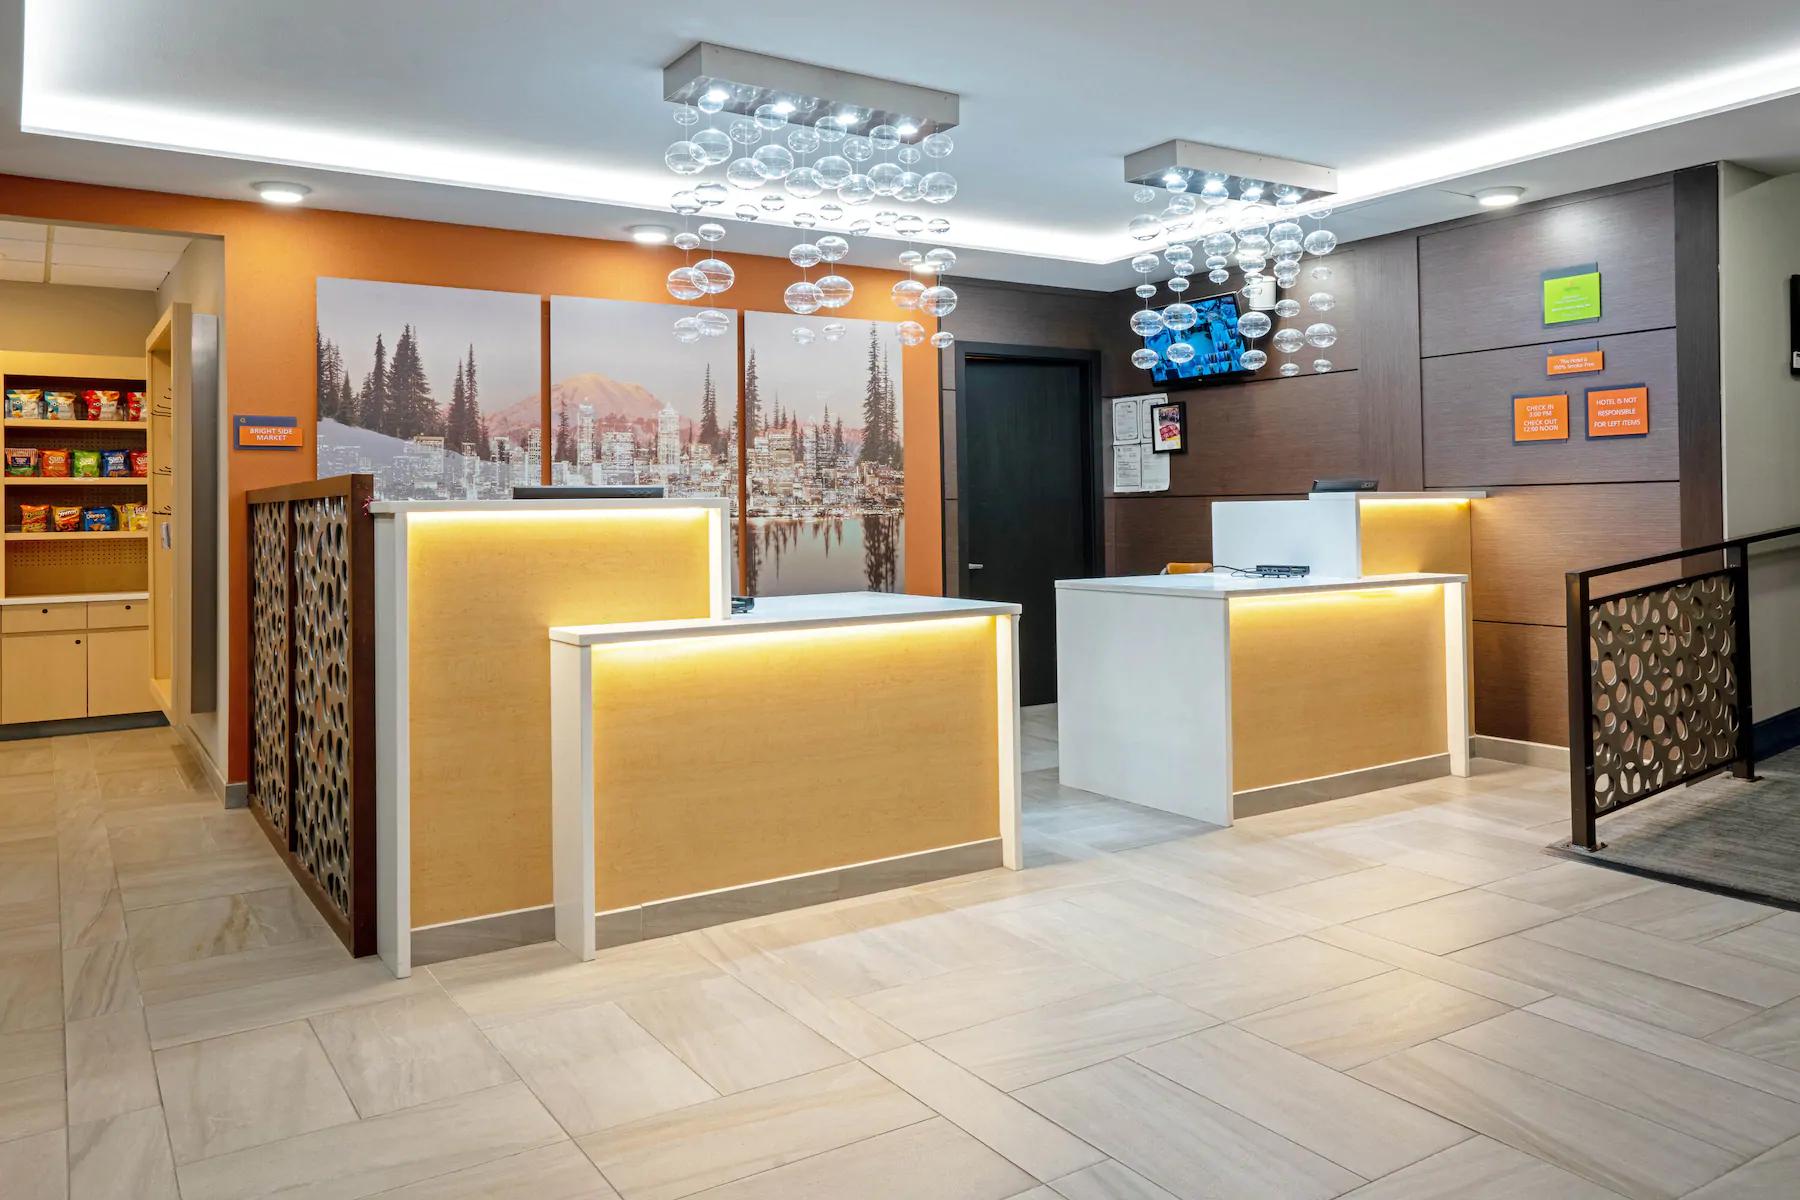 https://www.hotelsbyday.com/_data/default-hotel_image/4/23716/front-desk.png